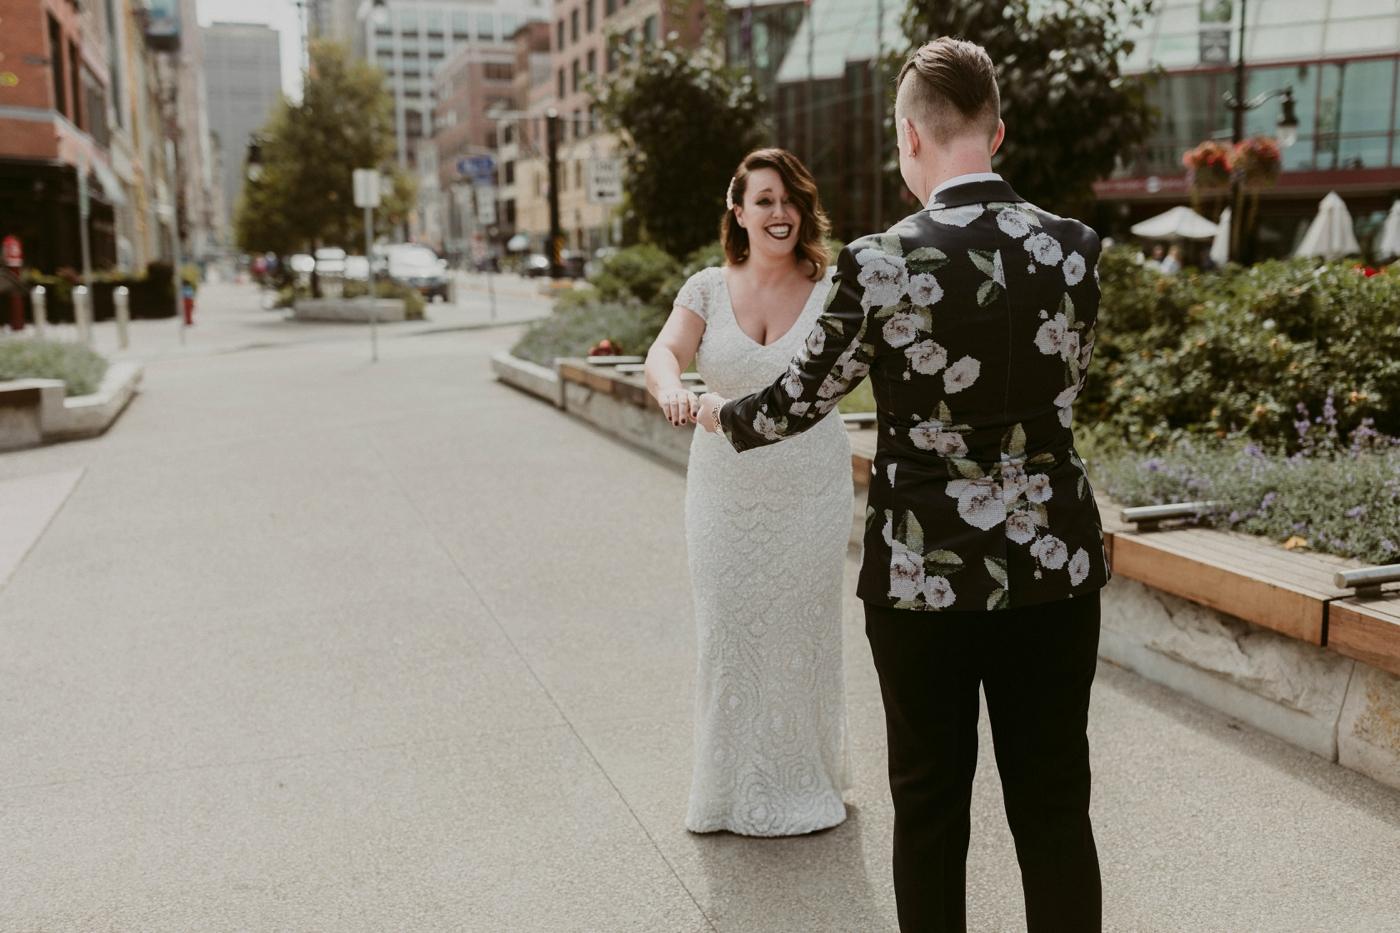 Buffalo-Wedding-Babeville-NY-Courtney+Liz_MJPHOTO-119.jpg